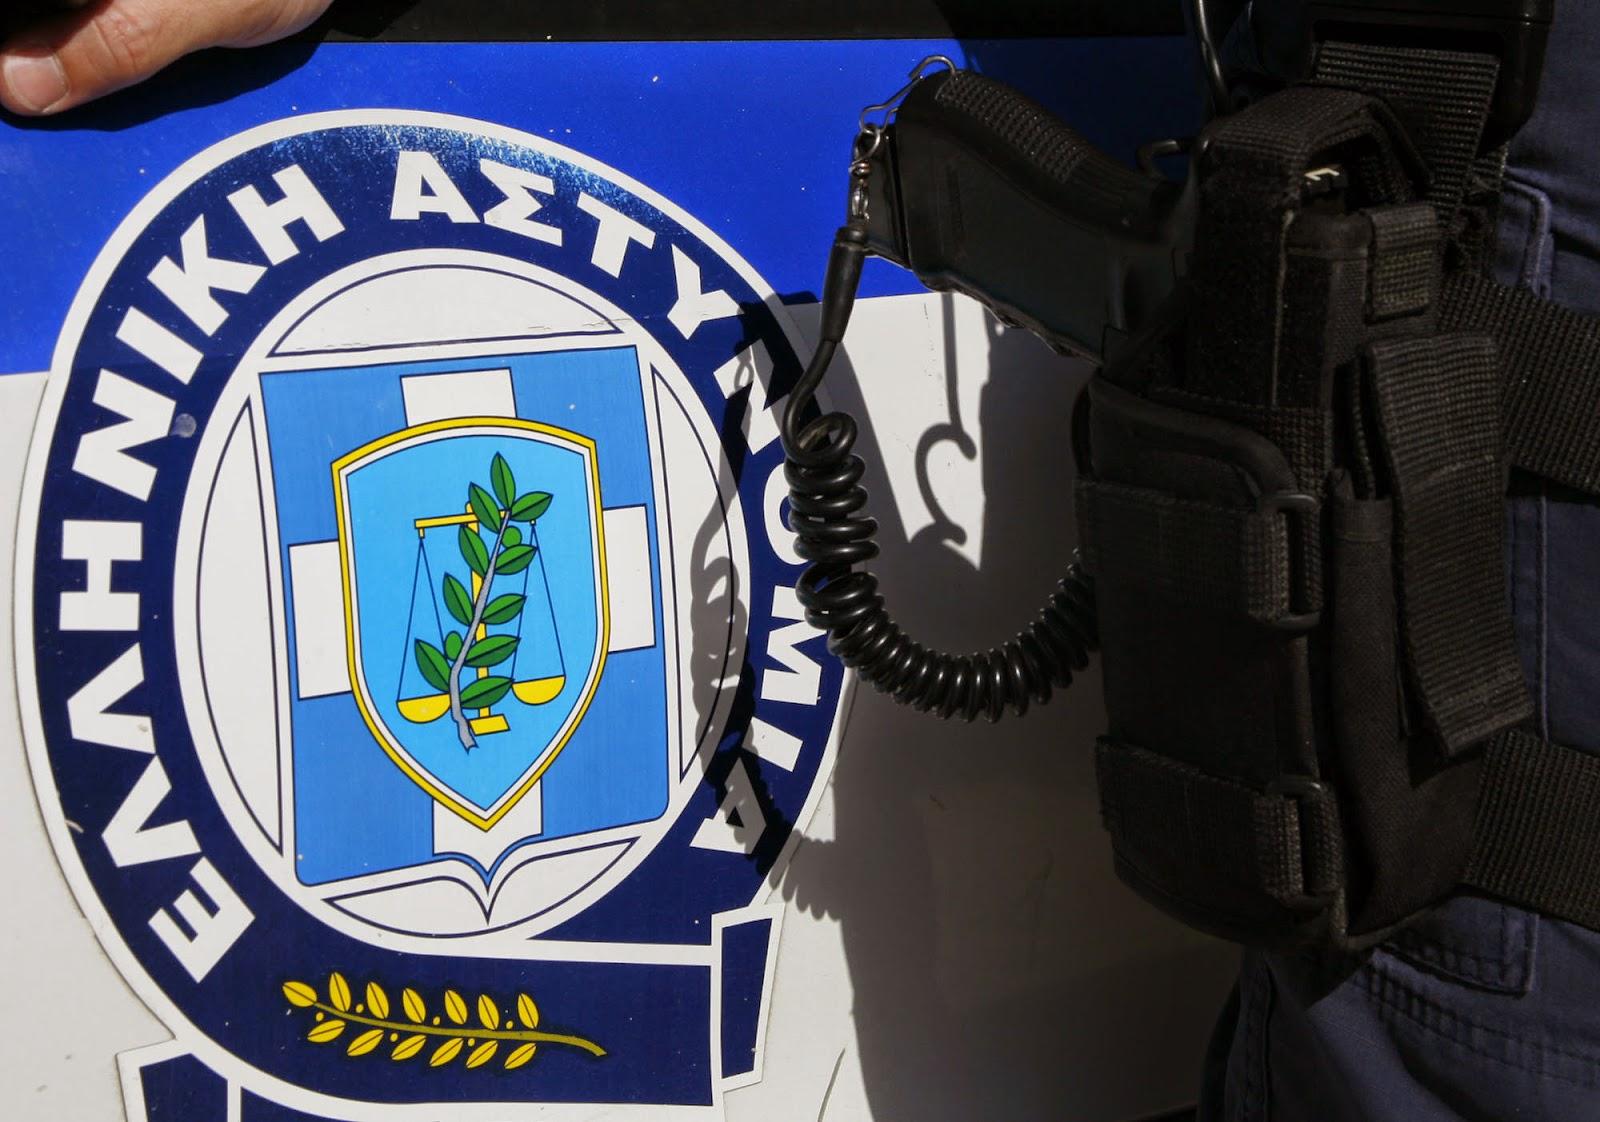 Καταγγελία: Ξυλοδαρμός μετανάστη από αστυνομικούς στο ΑΤ Δραπετσώνας